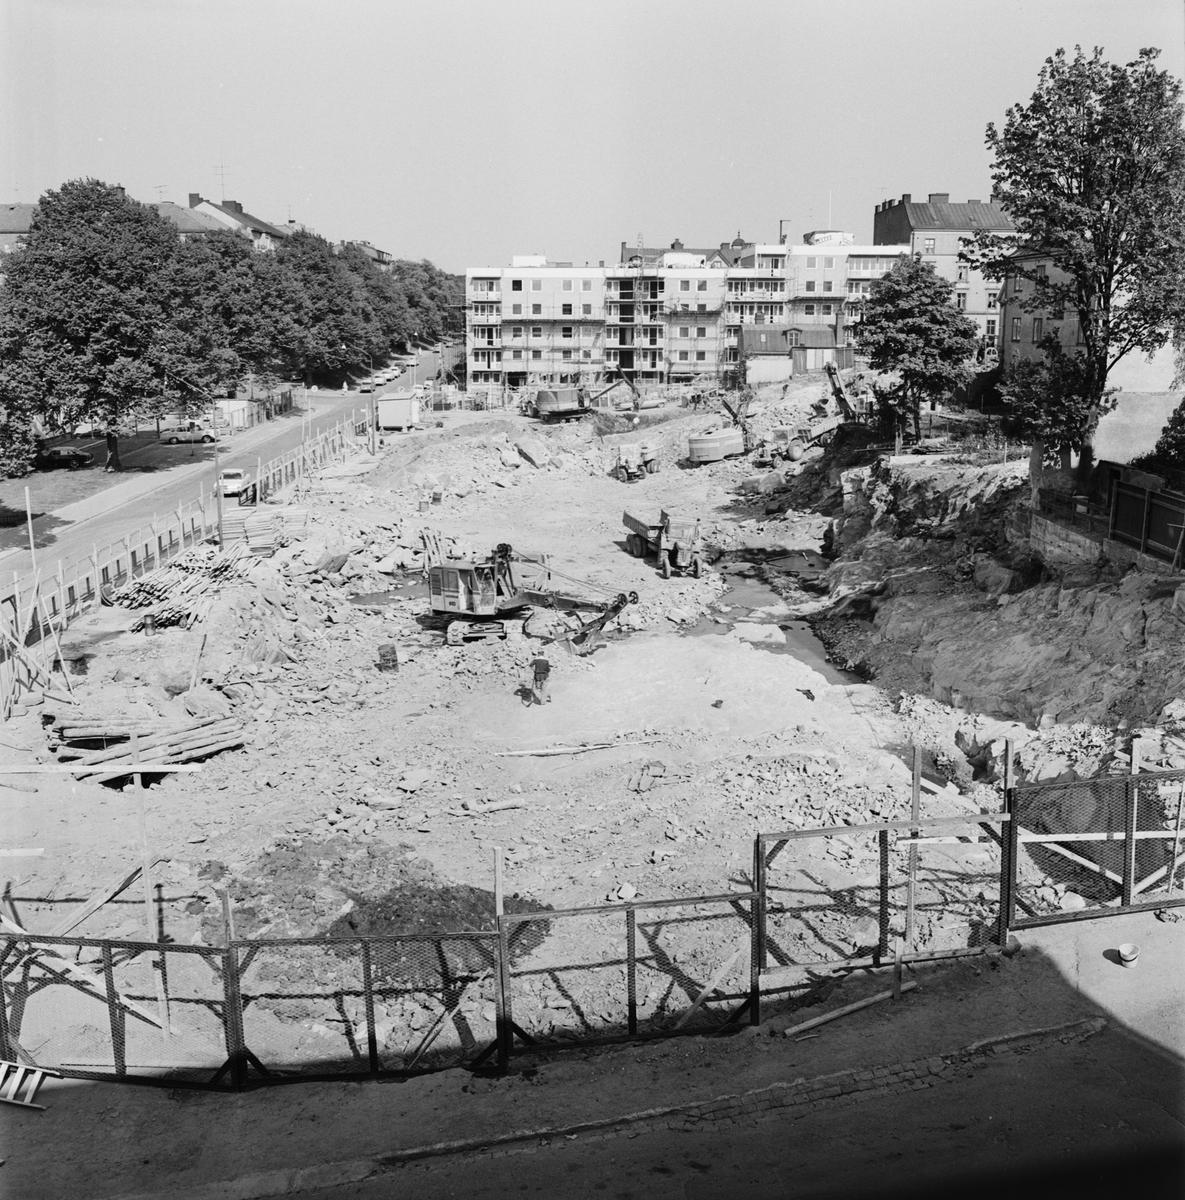 Övrigt: Foto datum: 8/6 1965 Byggnader och kranar Kvarteret pollux